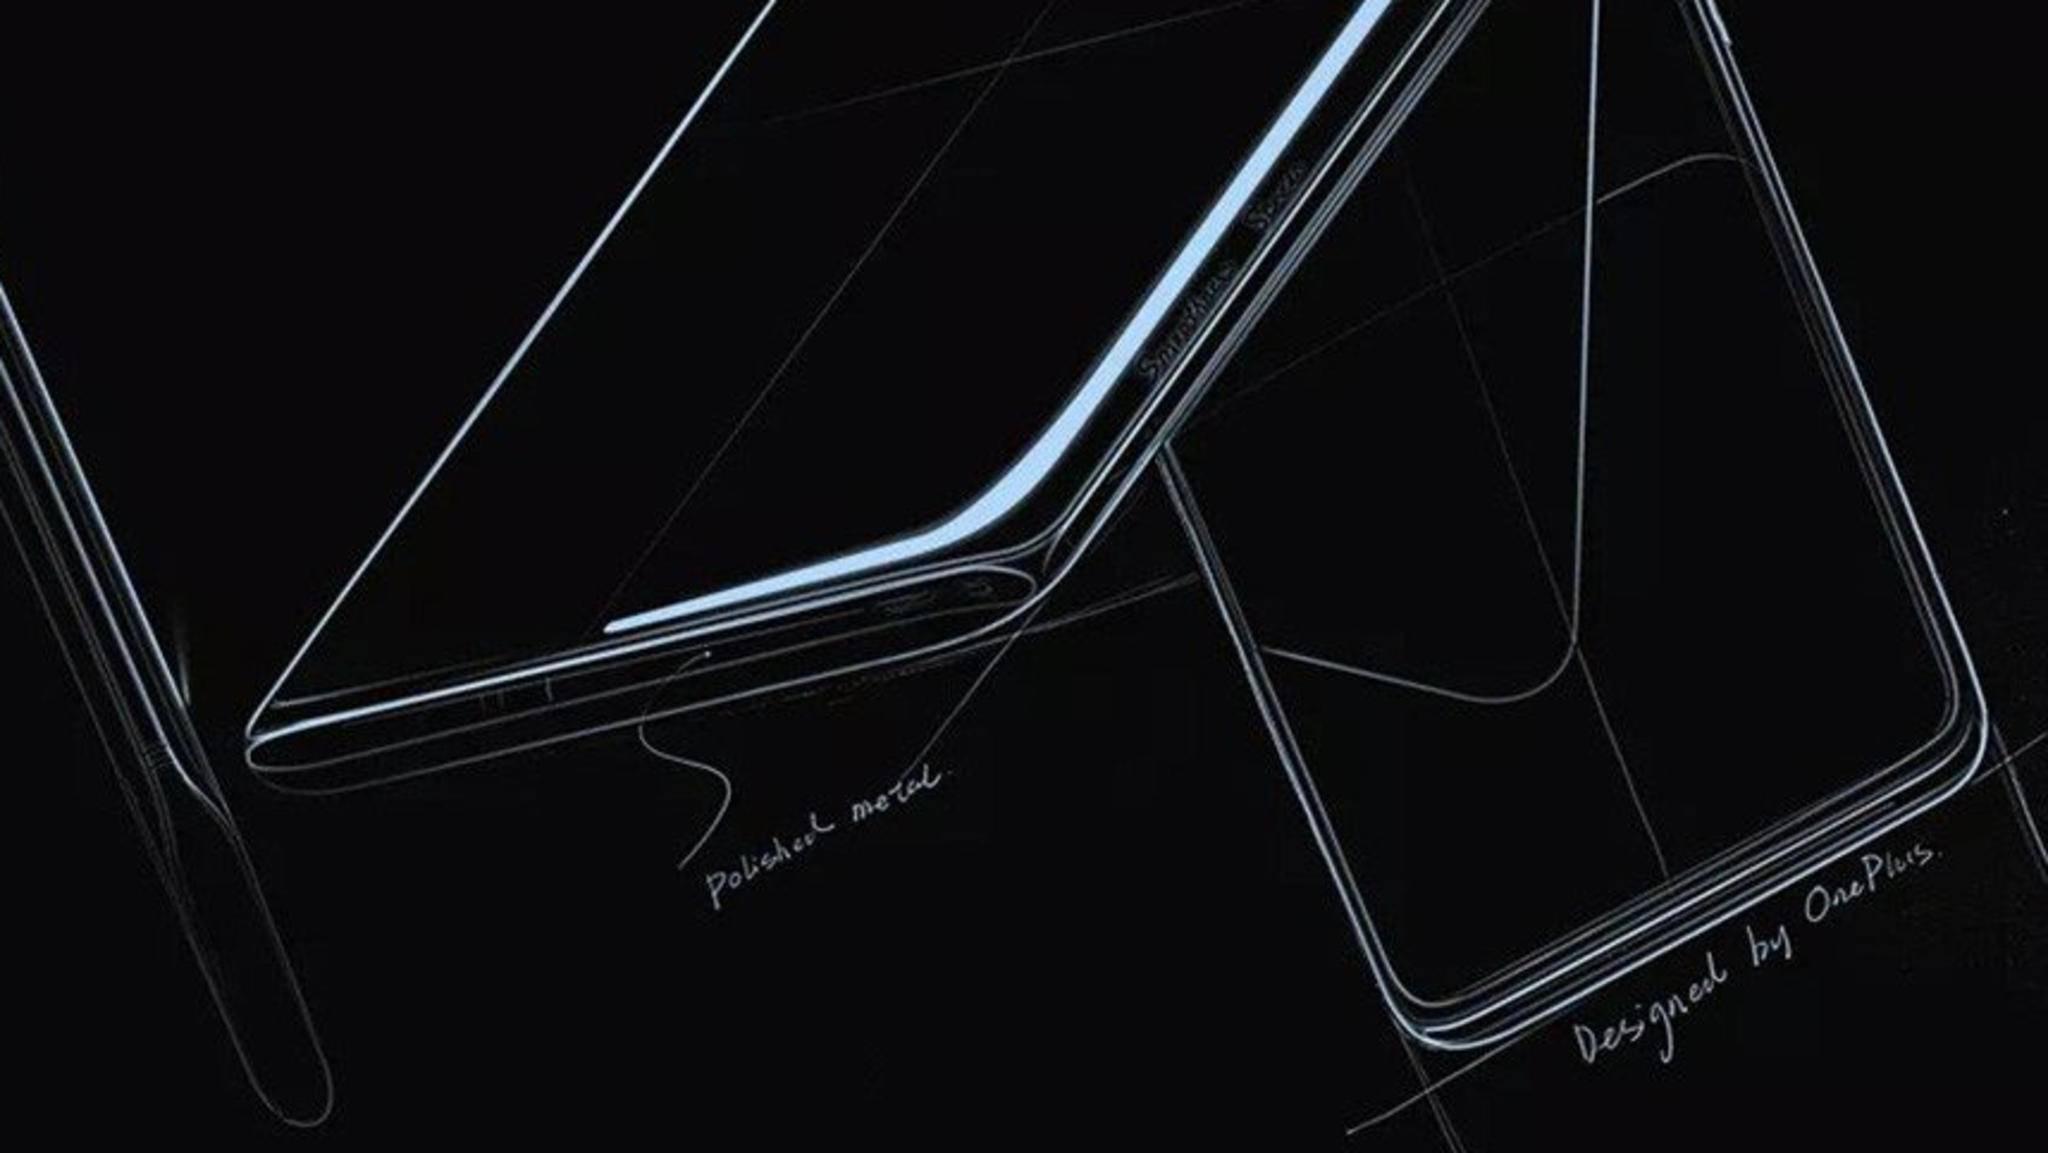 So sieht das OnePlus 7 Pro in einer Designskizze aus.